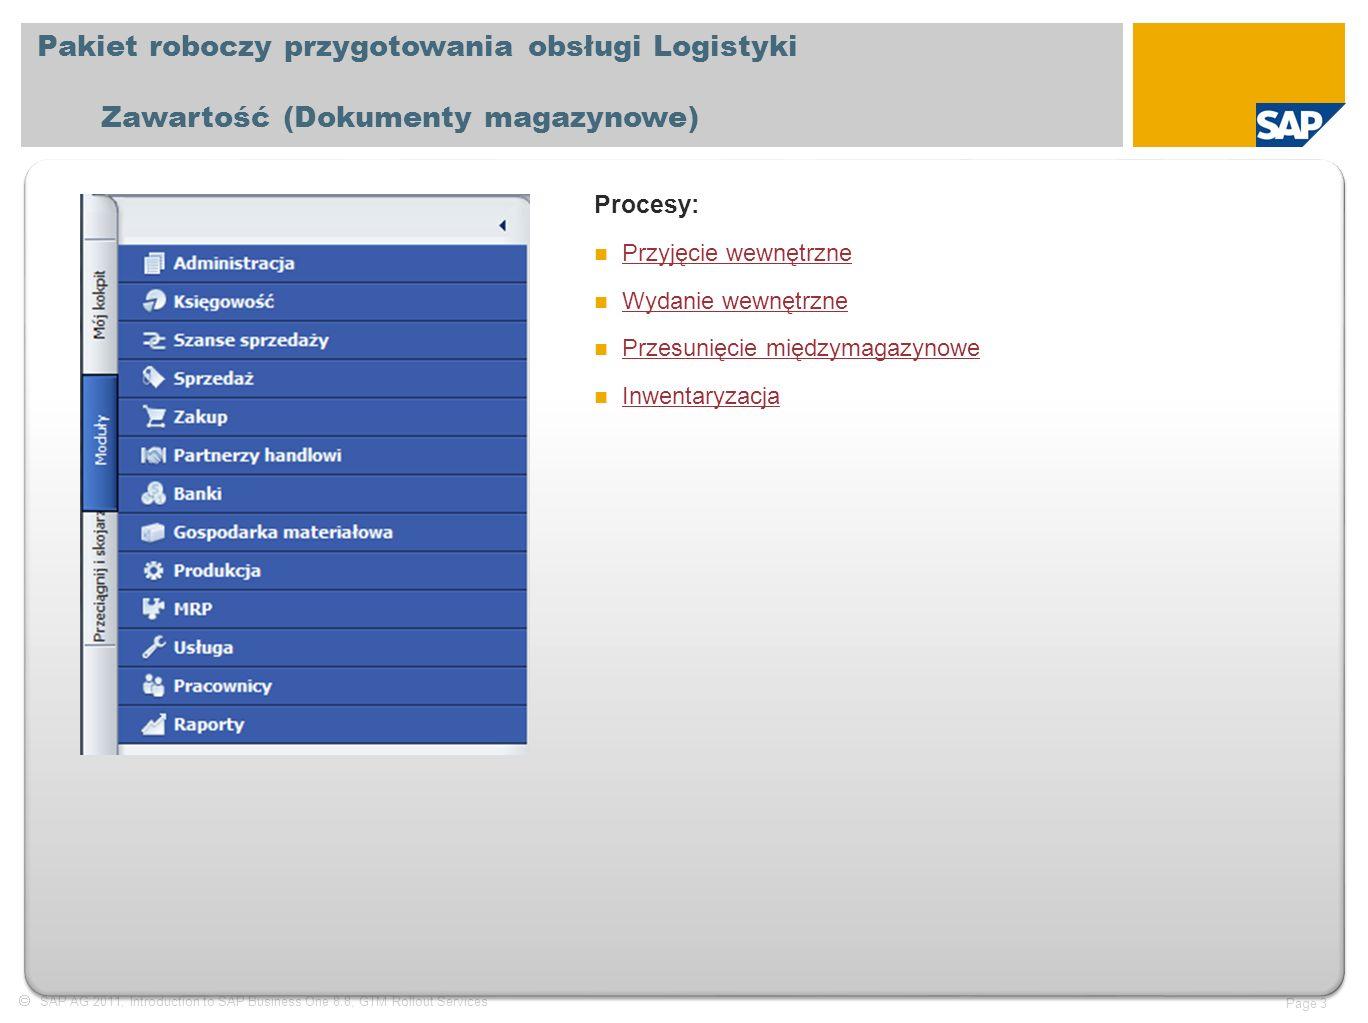  SAP AG 2011, Introduction to SAP Business One 8.8, GTM Rollout Services Page 3 Pakiet roboczy przygotowania obsługi Logistyki Zawartość (Dokumenty magazynowe) Procesy: Przyjęcie wewnętrzne Wydanie wewnętrzne Przesunięcie międzymagazynowe Inwentaryzacja